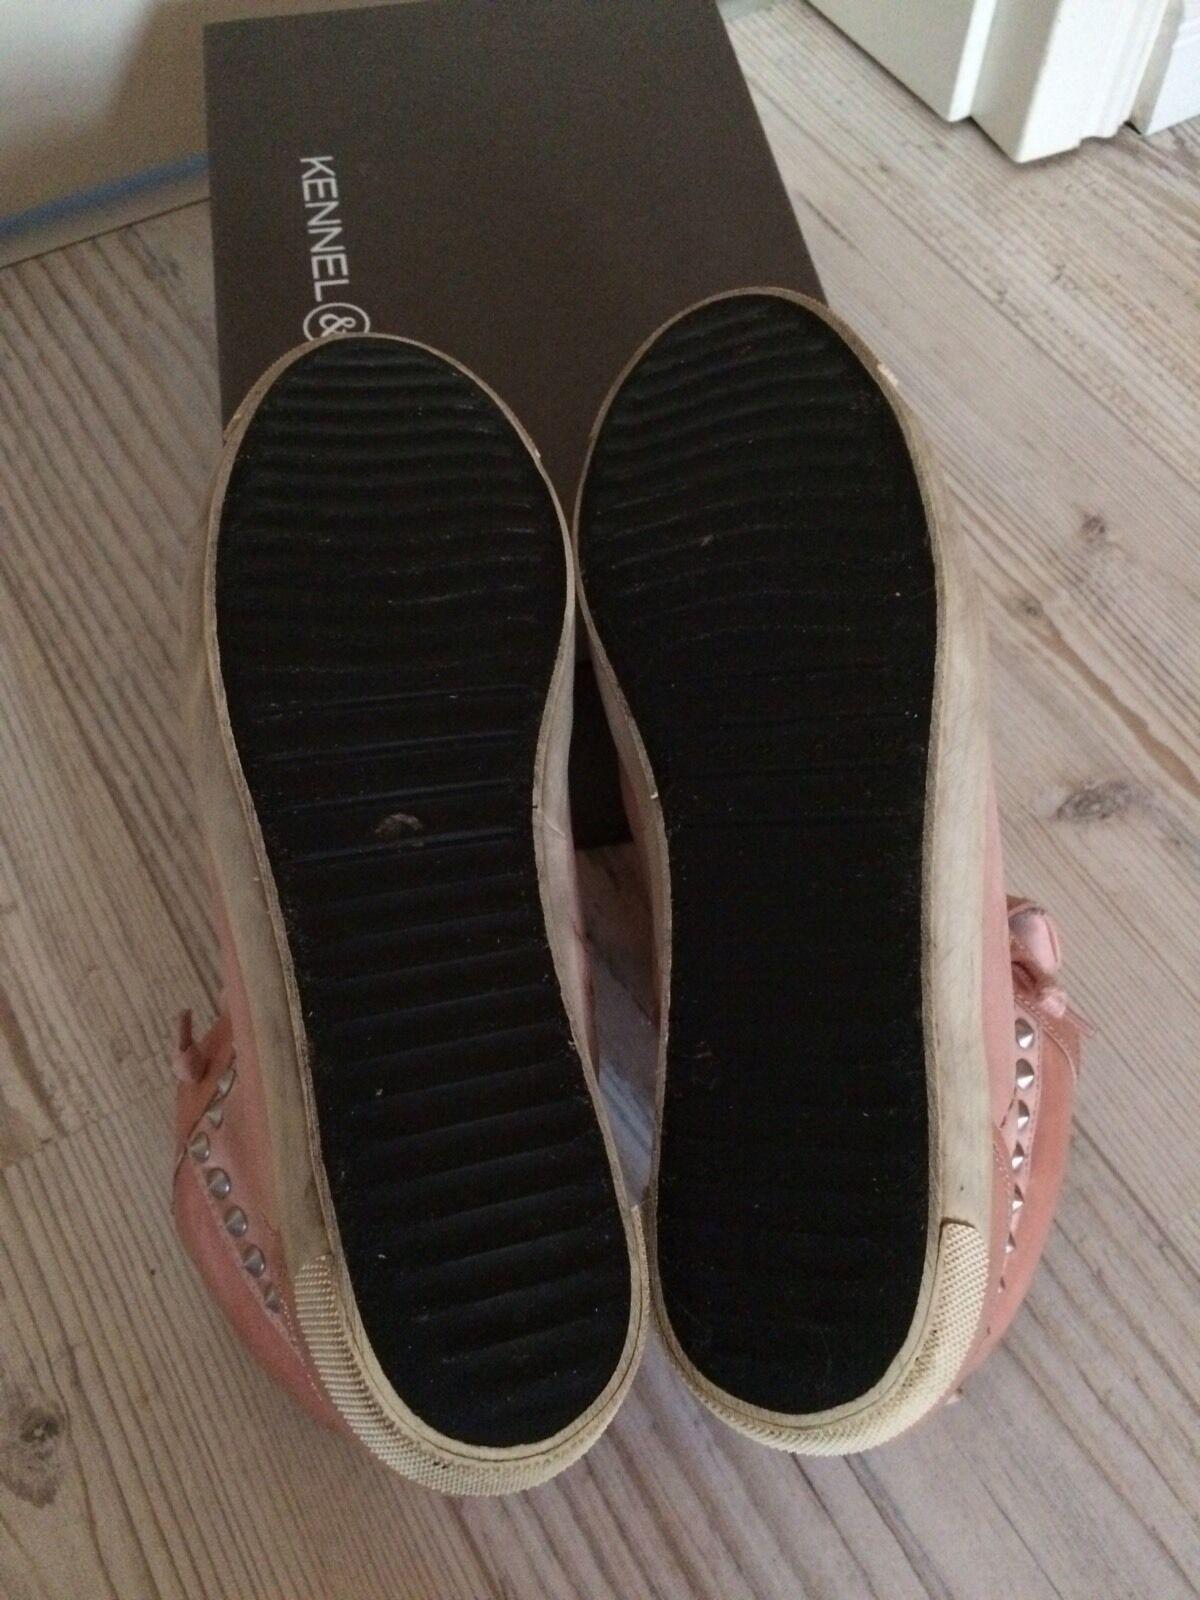 Kennel & Schmenger Sneaker in 38,5 rosé mit Swarovski-Steinchen, Gr. 38,5 in a87f5a